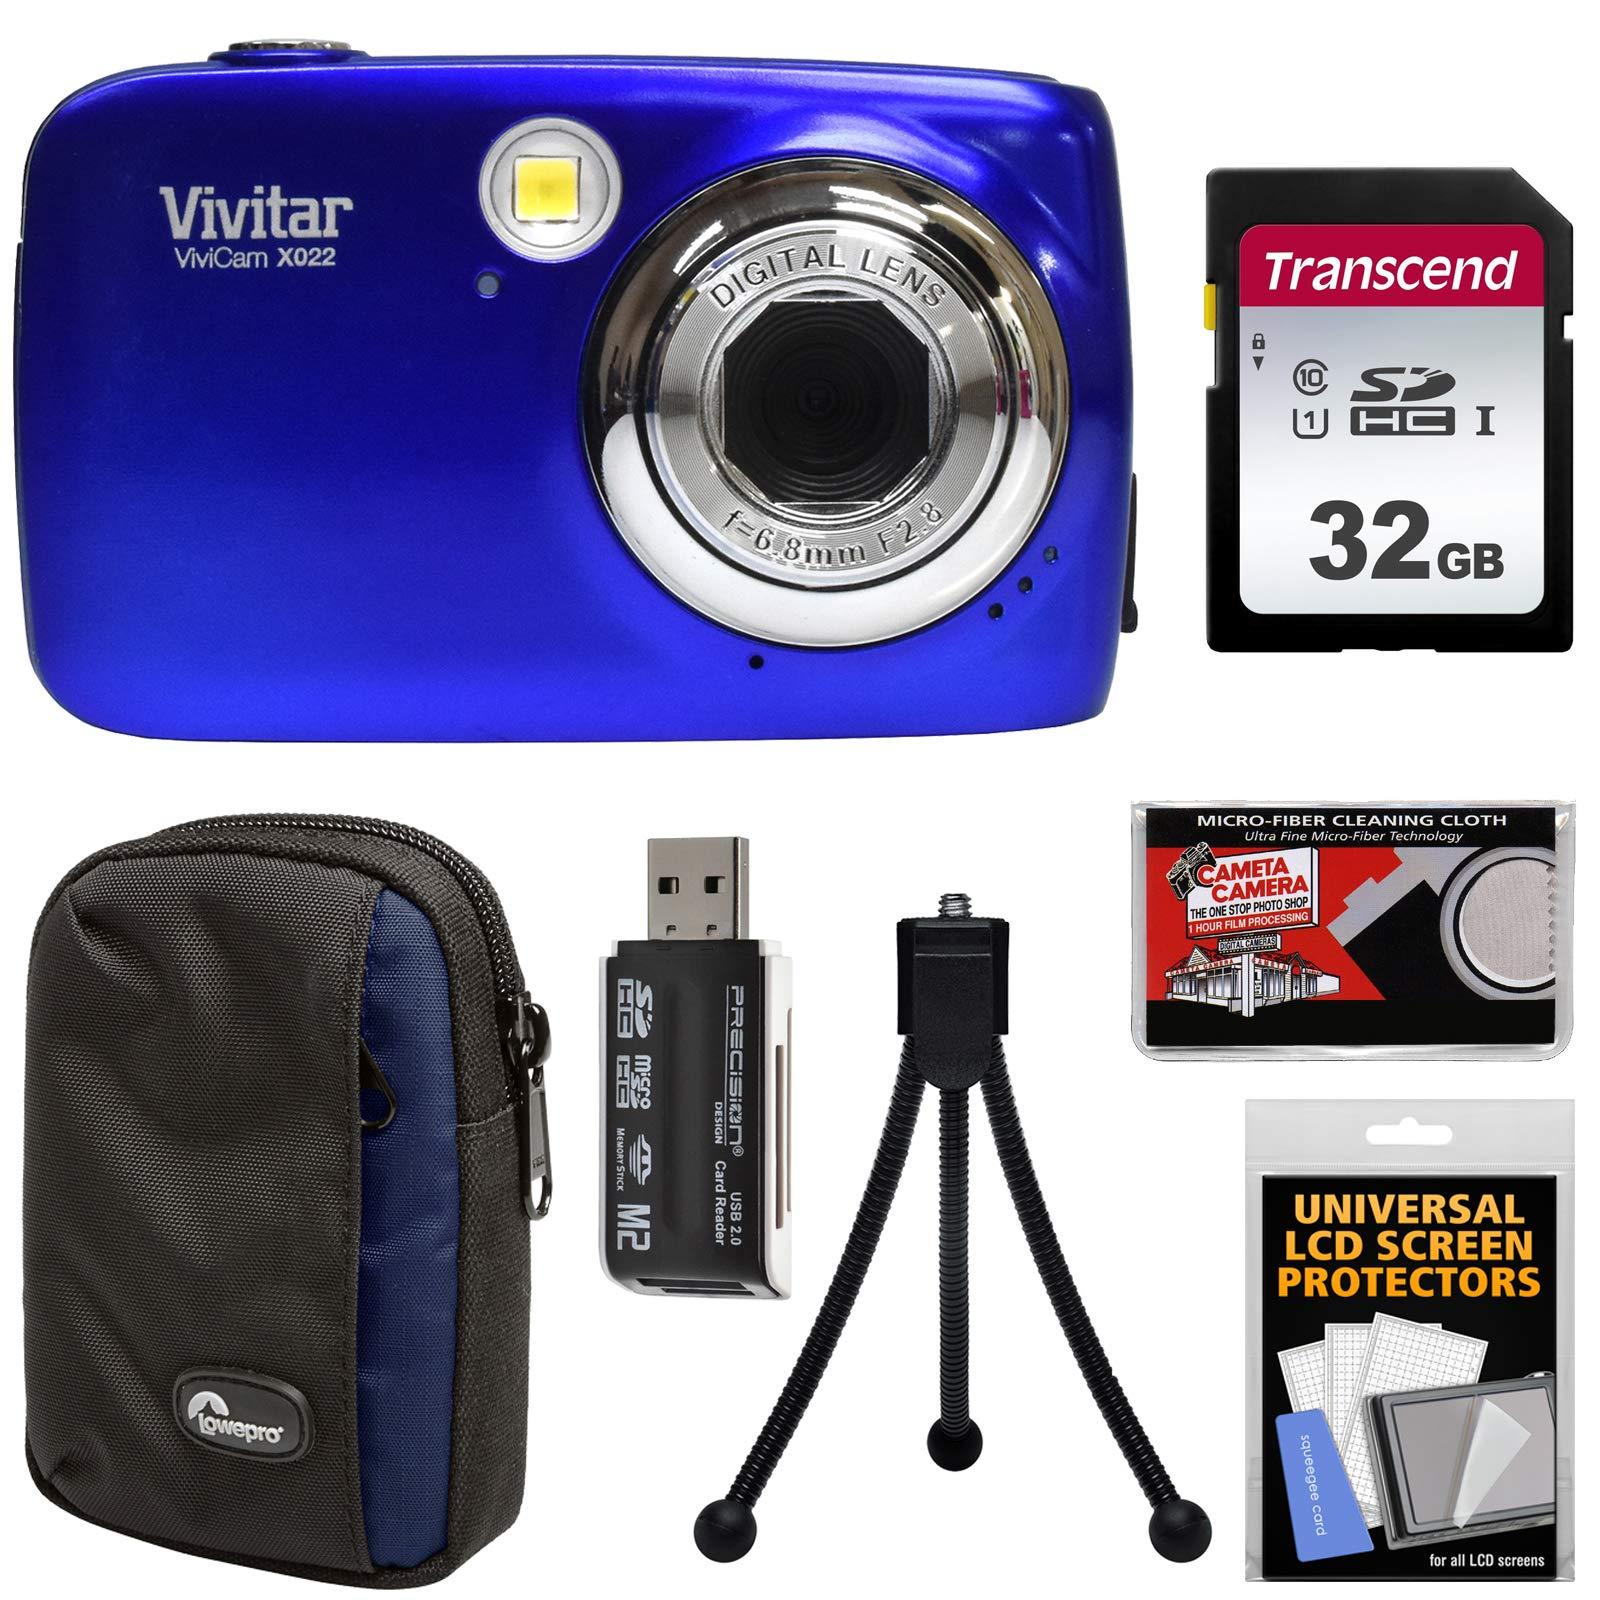 Vivitar ViviCam VX022 Digital Camera (Blue) with 32GB Card + Case + Tripod + Kit by Vivitar